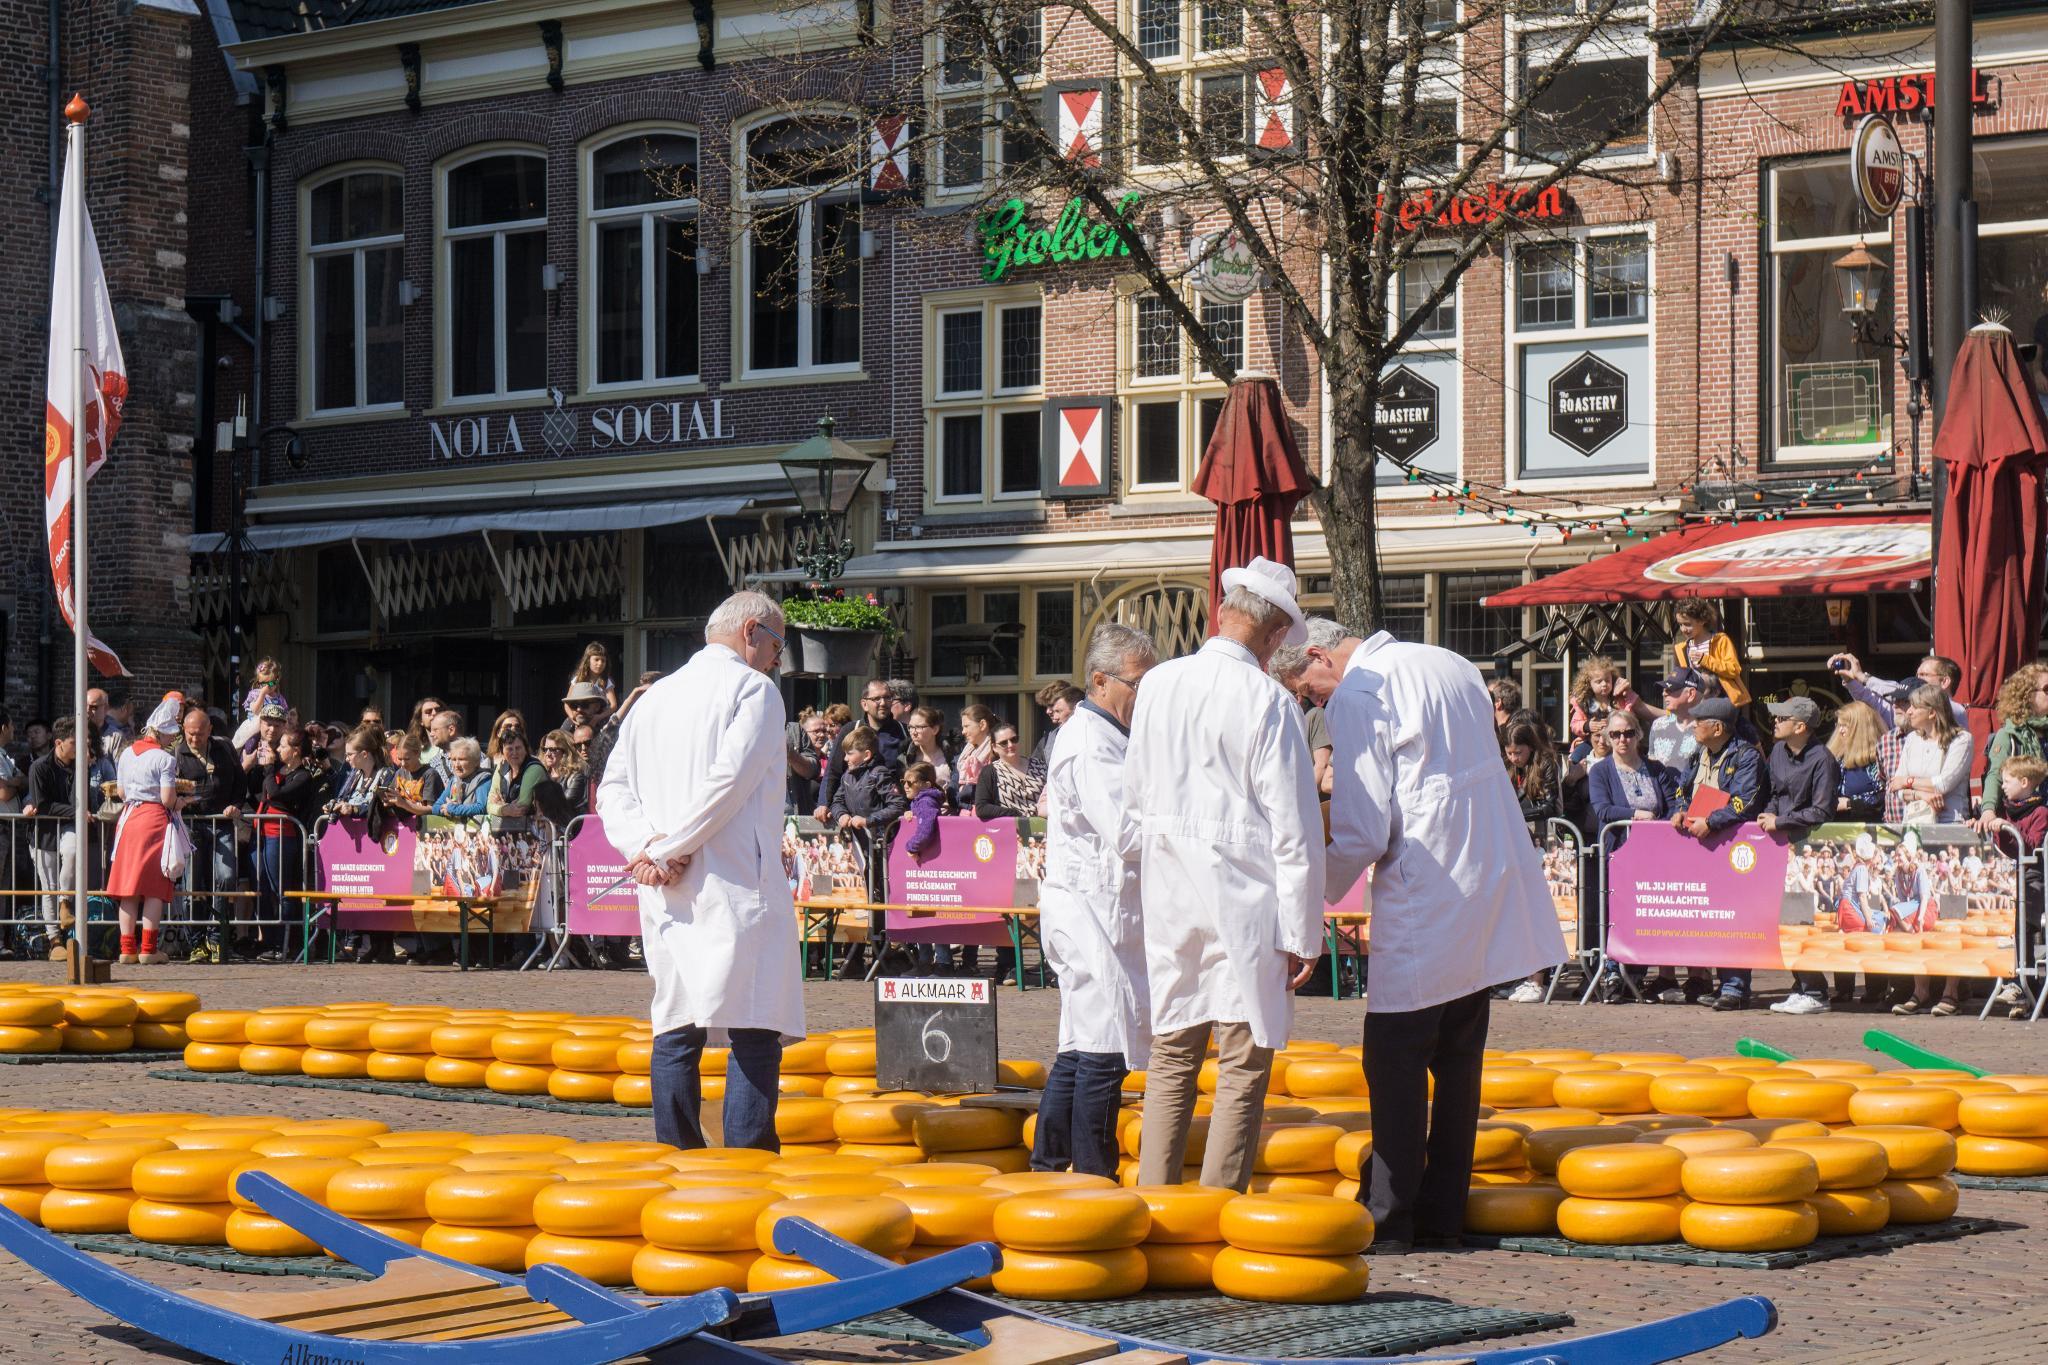 【荷蘭印象】體驗道地的荷式風情 — Alkmaar 起司市集 散步路線整理 20